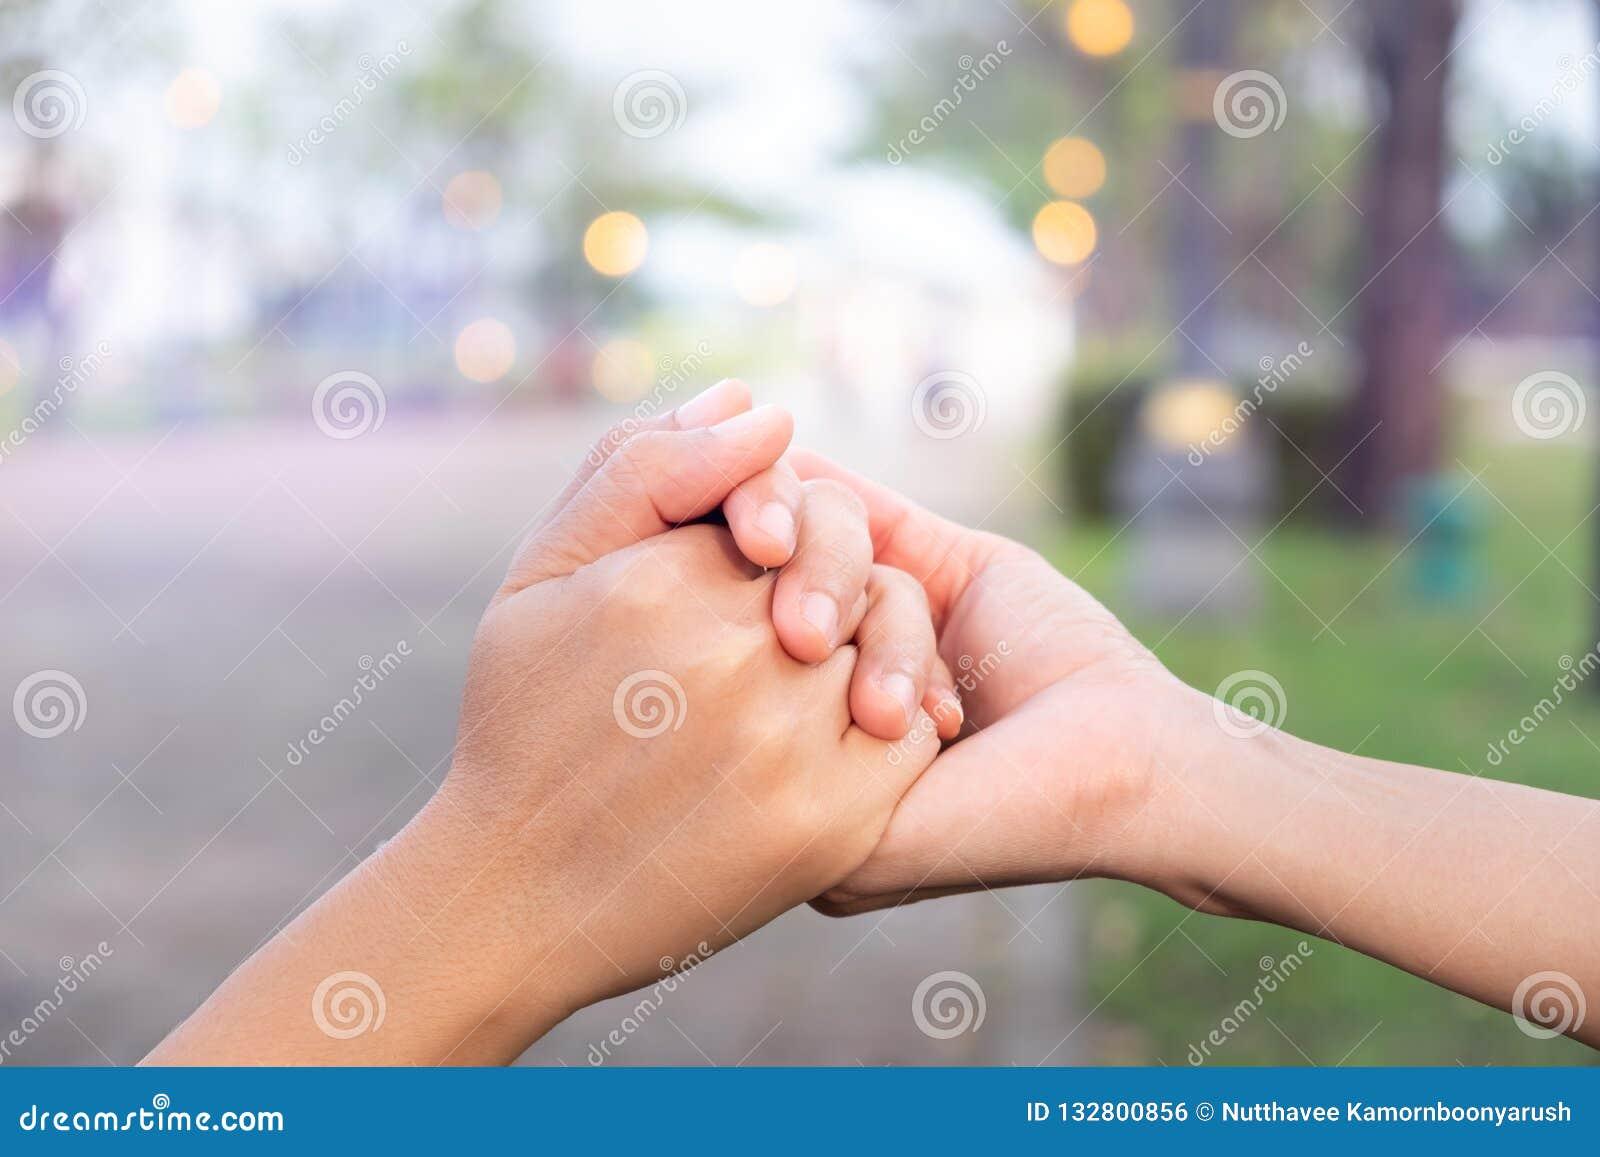 Os pares mantêm as mãos unidas no jardim do amor